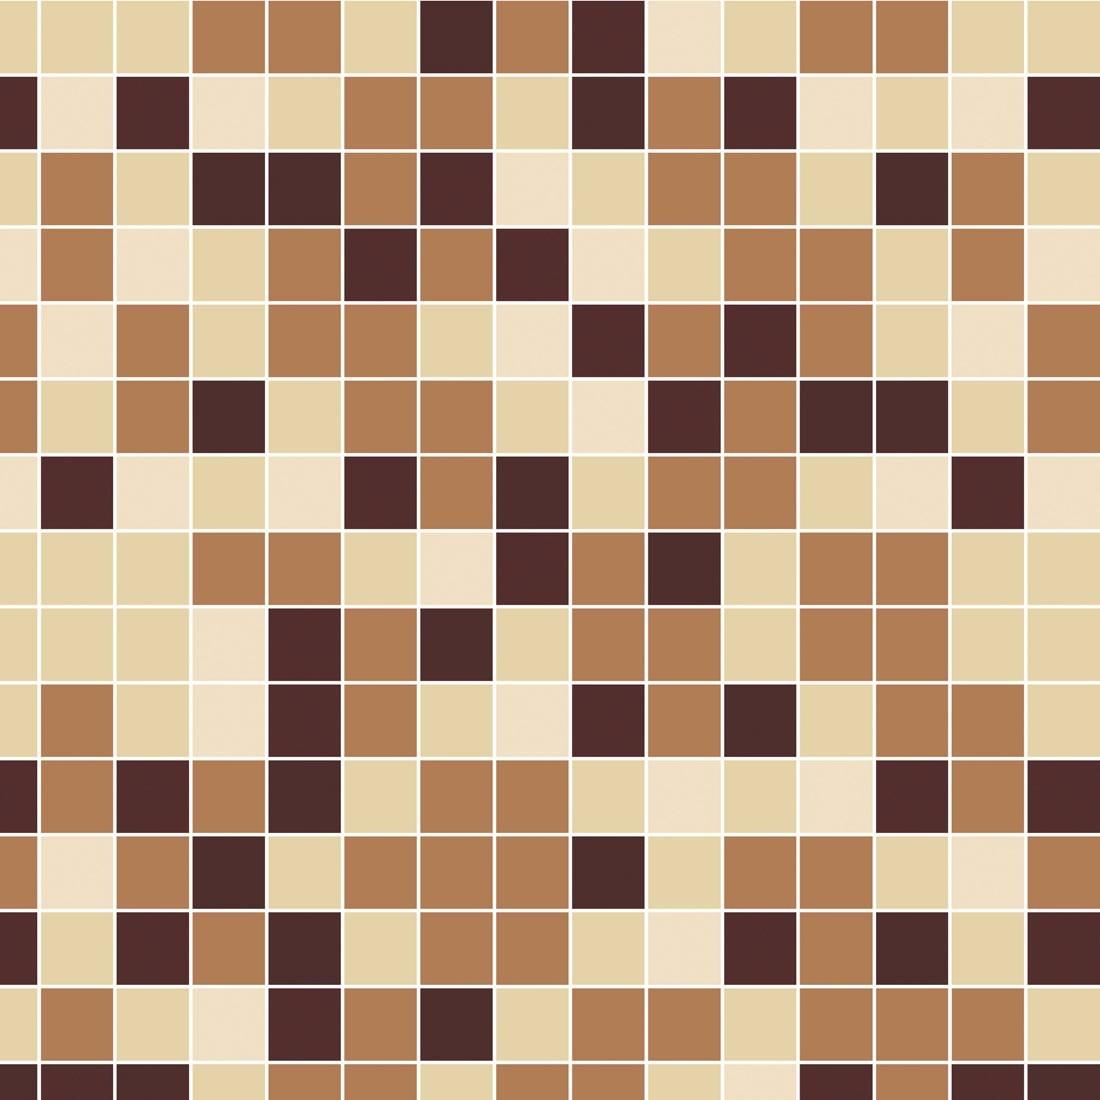 Papel De Parede Pastilhas Cozinha Banheiro R$ 58 90 em Mercado Livre #9A7931 1100x1100 Banheiro Com Uma Parede De Pastilha